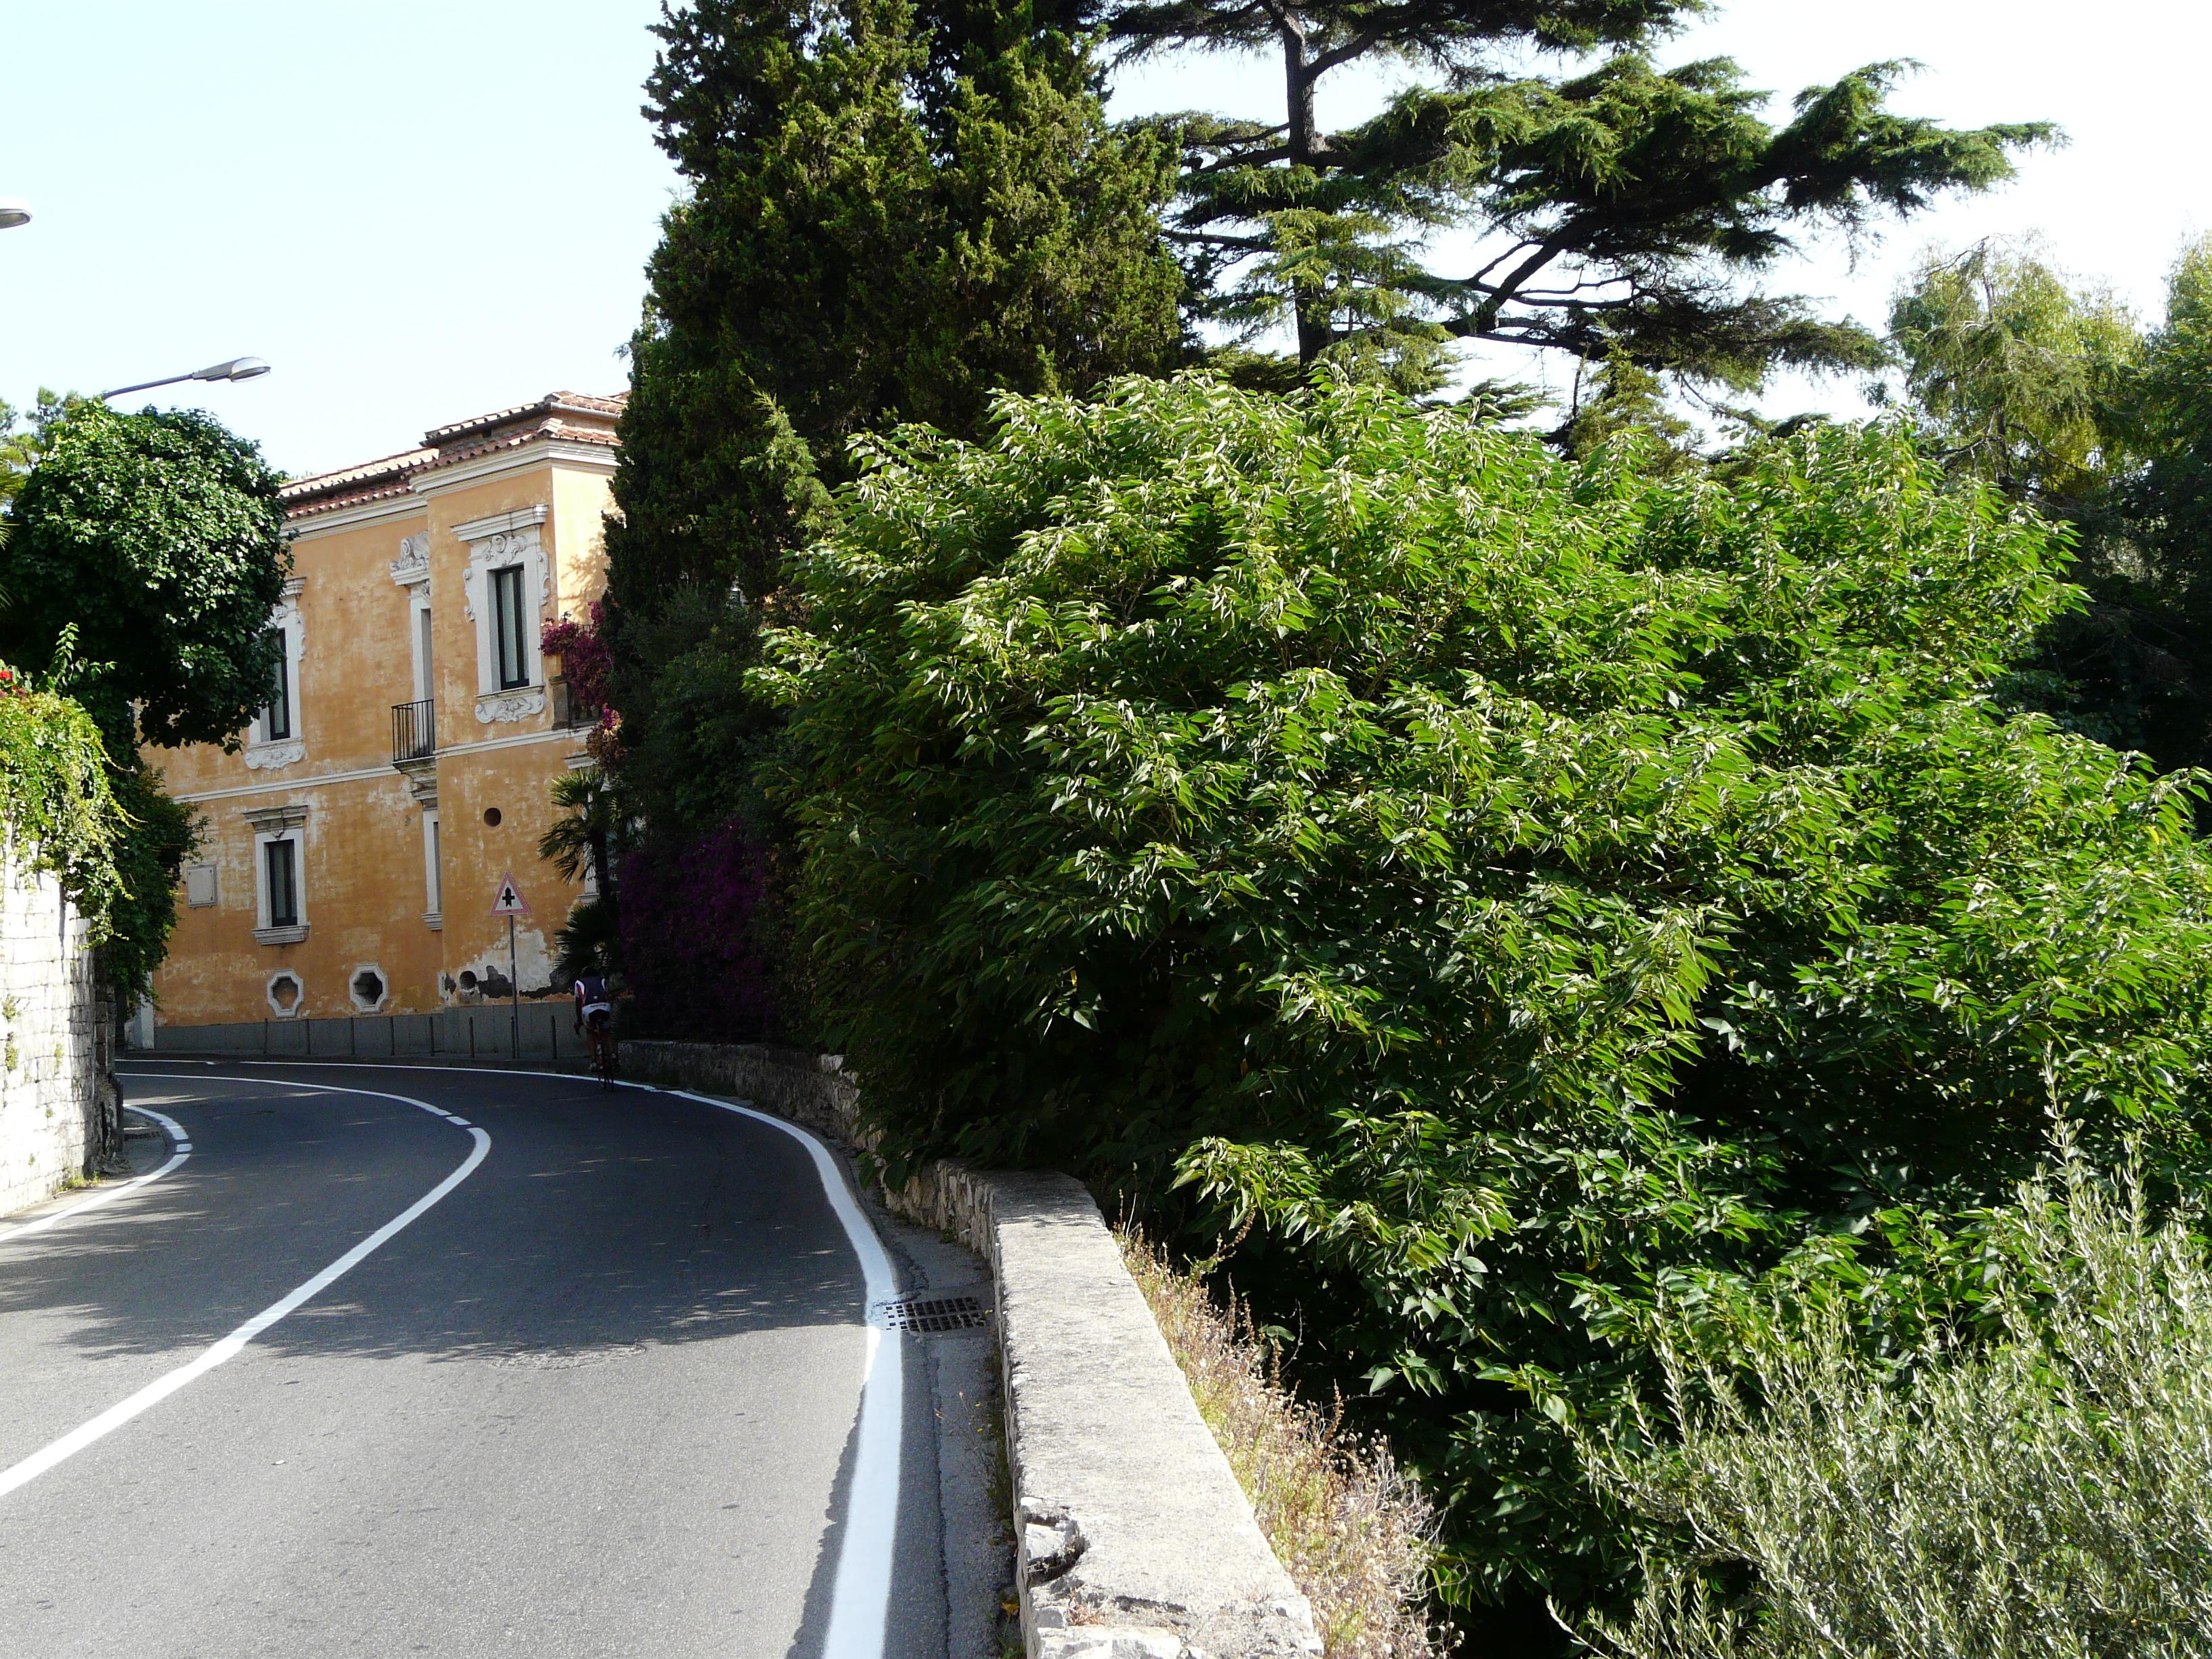 © Dipartimento di Scienze della Vita, Università di Trieste<br>by Andrea Moro<br>Comune di Sorrento, localià Capo di Sorrento, NA, Campania, Italia, 14/07/2011<br>Distributed under CC-BY-SA 4.0 license.